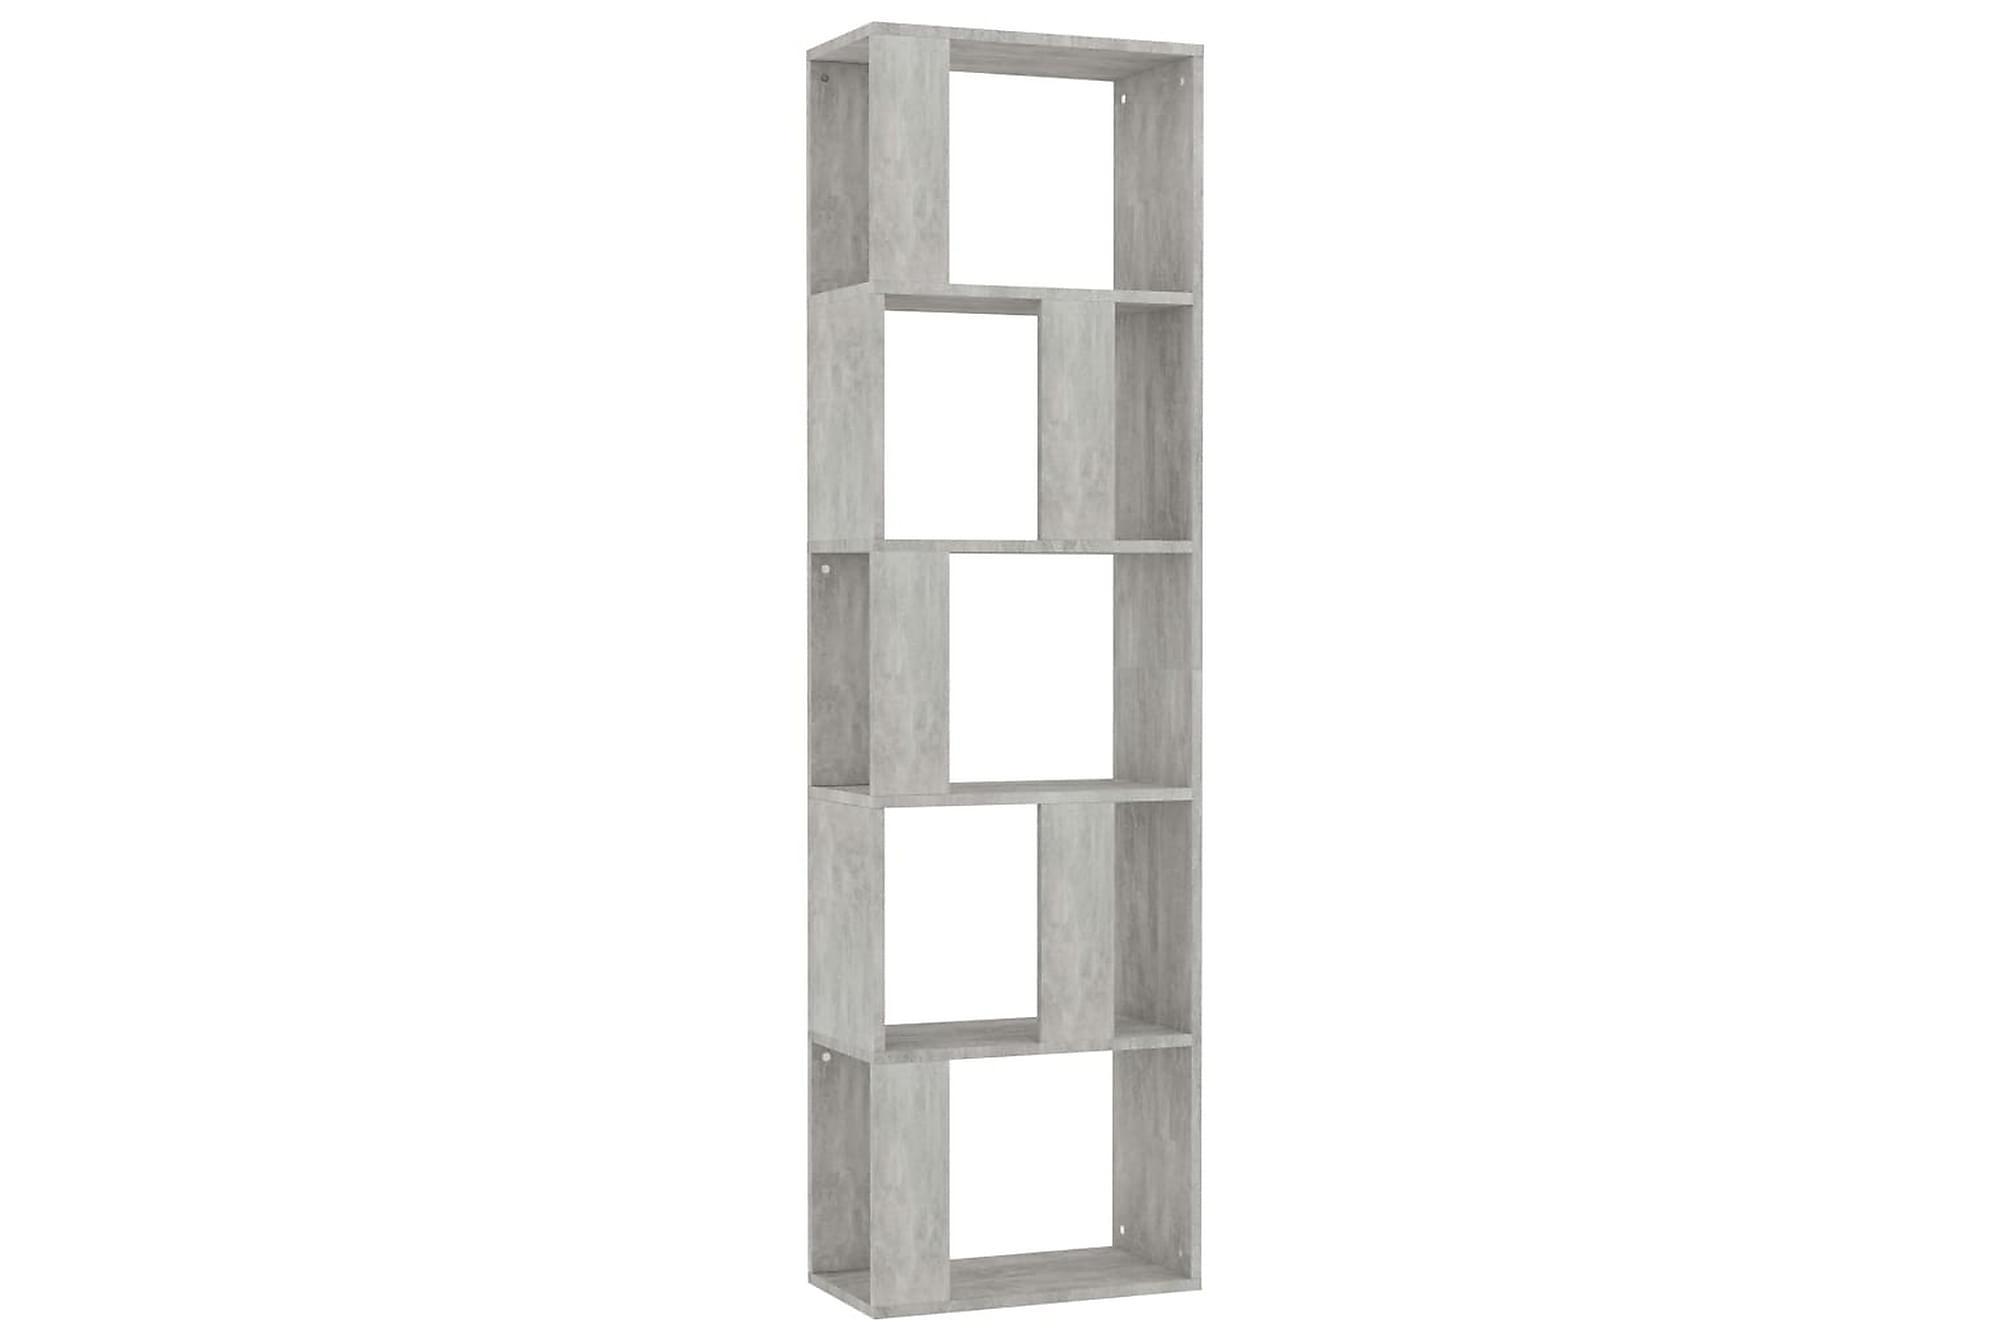 Bokhylla/Rumsavdelare betonggrå 45x24x159 cm spånskiva, Hyllor